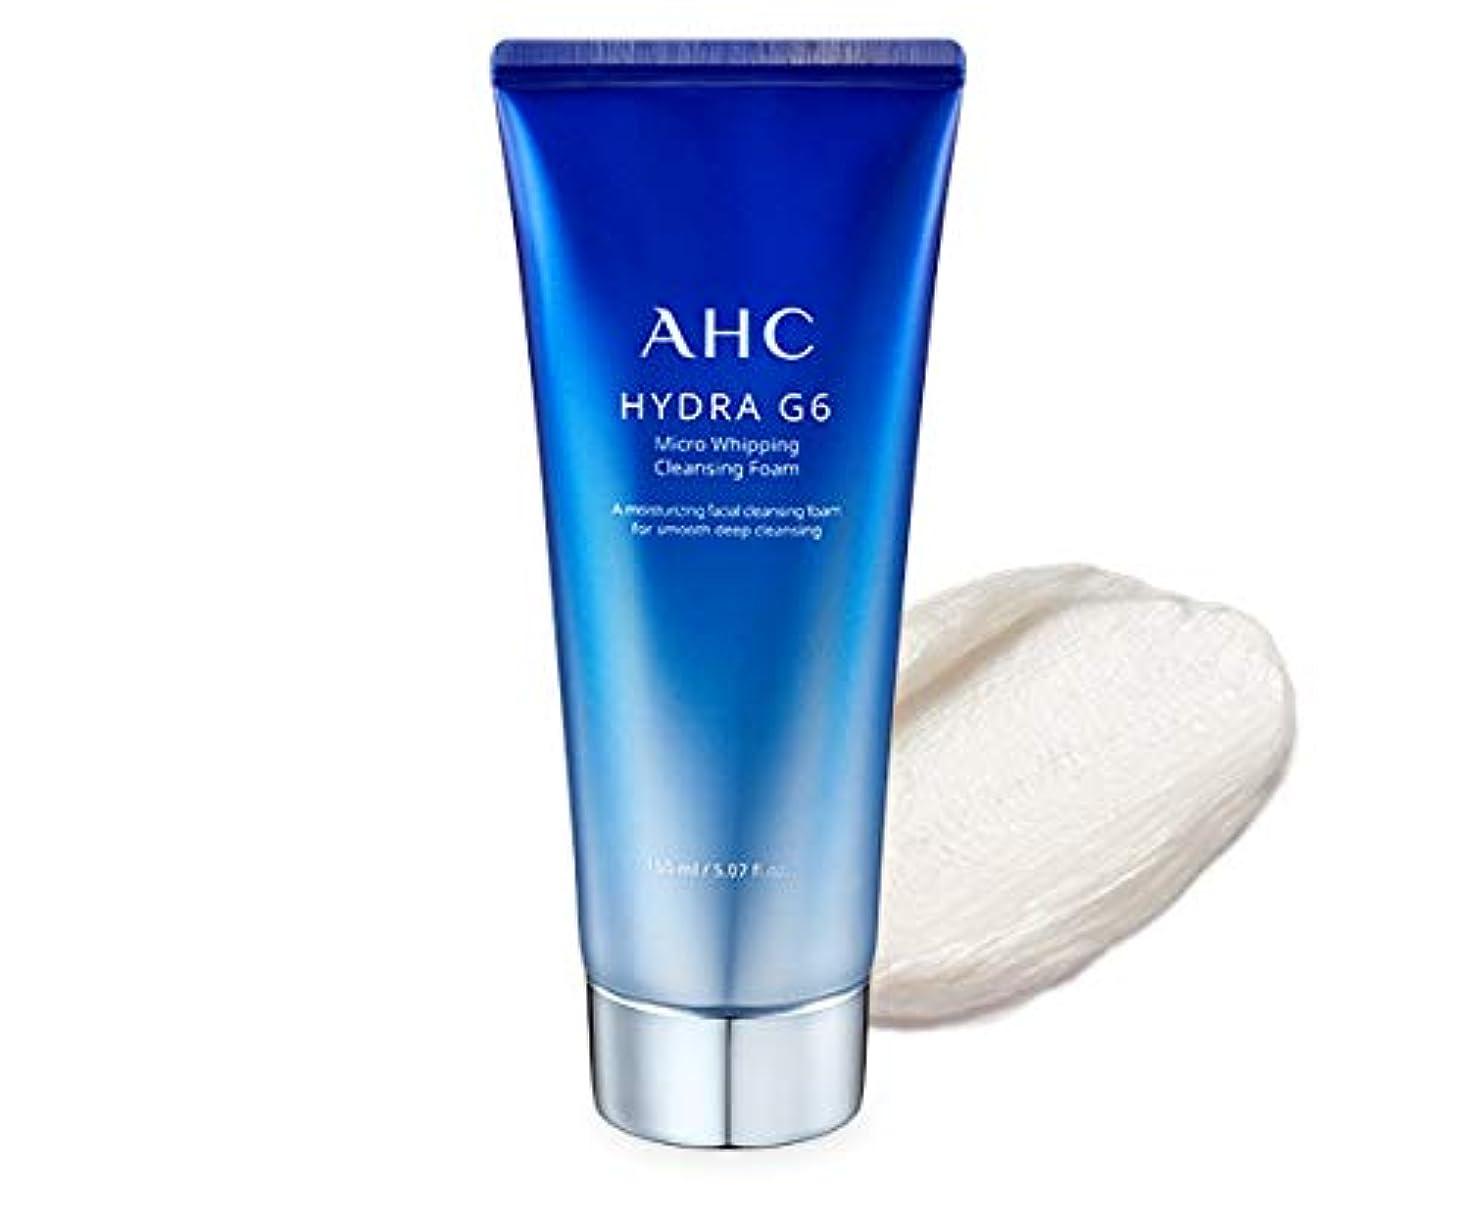 生産的速い構成するAHC ヒドラ G6 マイクロホイップクレンジングフォーム 150ml / Hydra G6 Micro Whipping Cleansing Foam 150ml